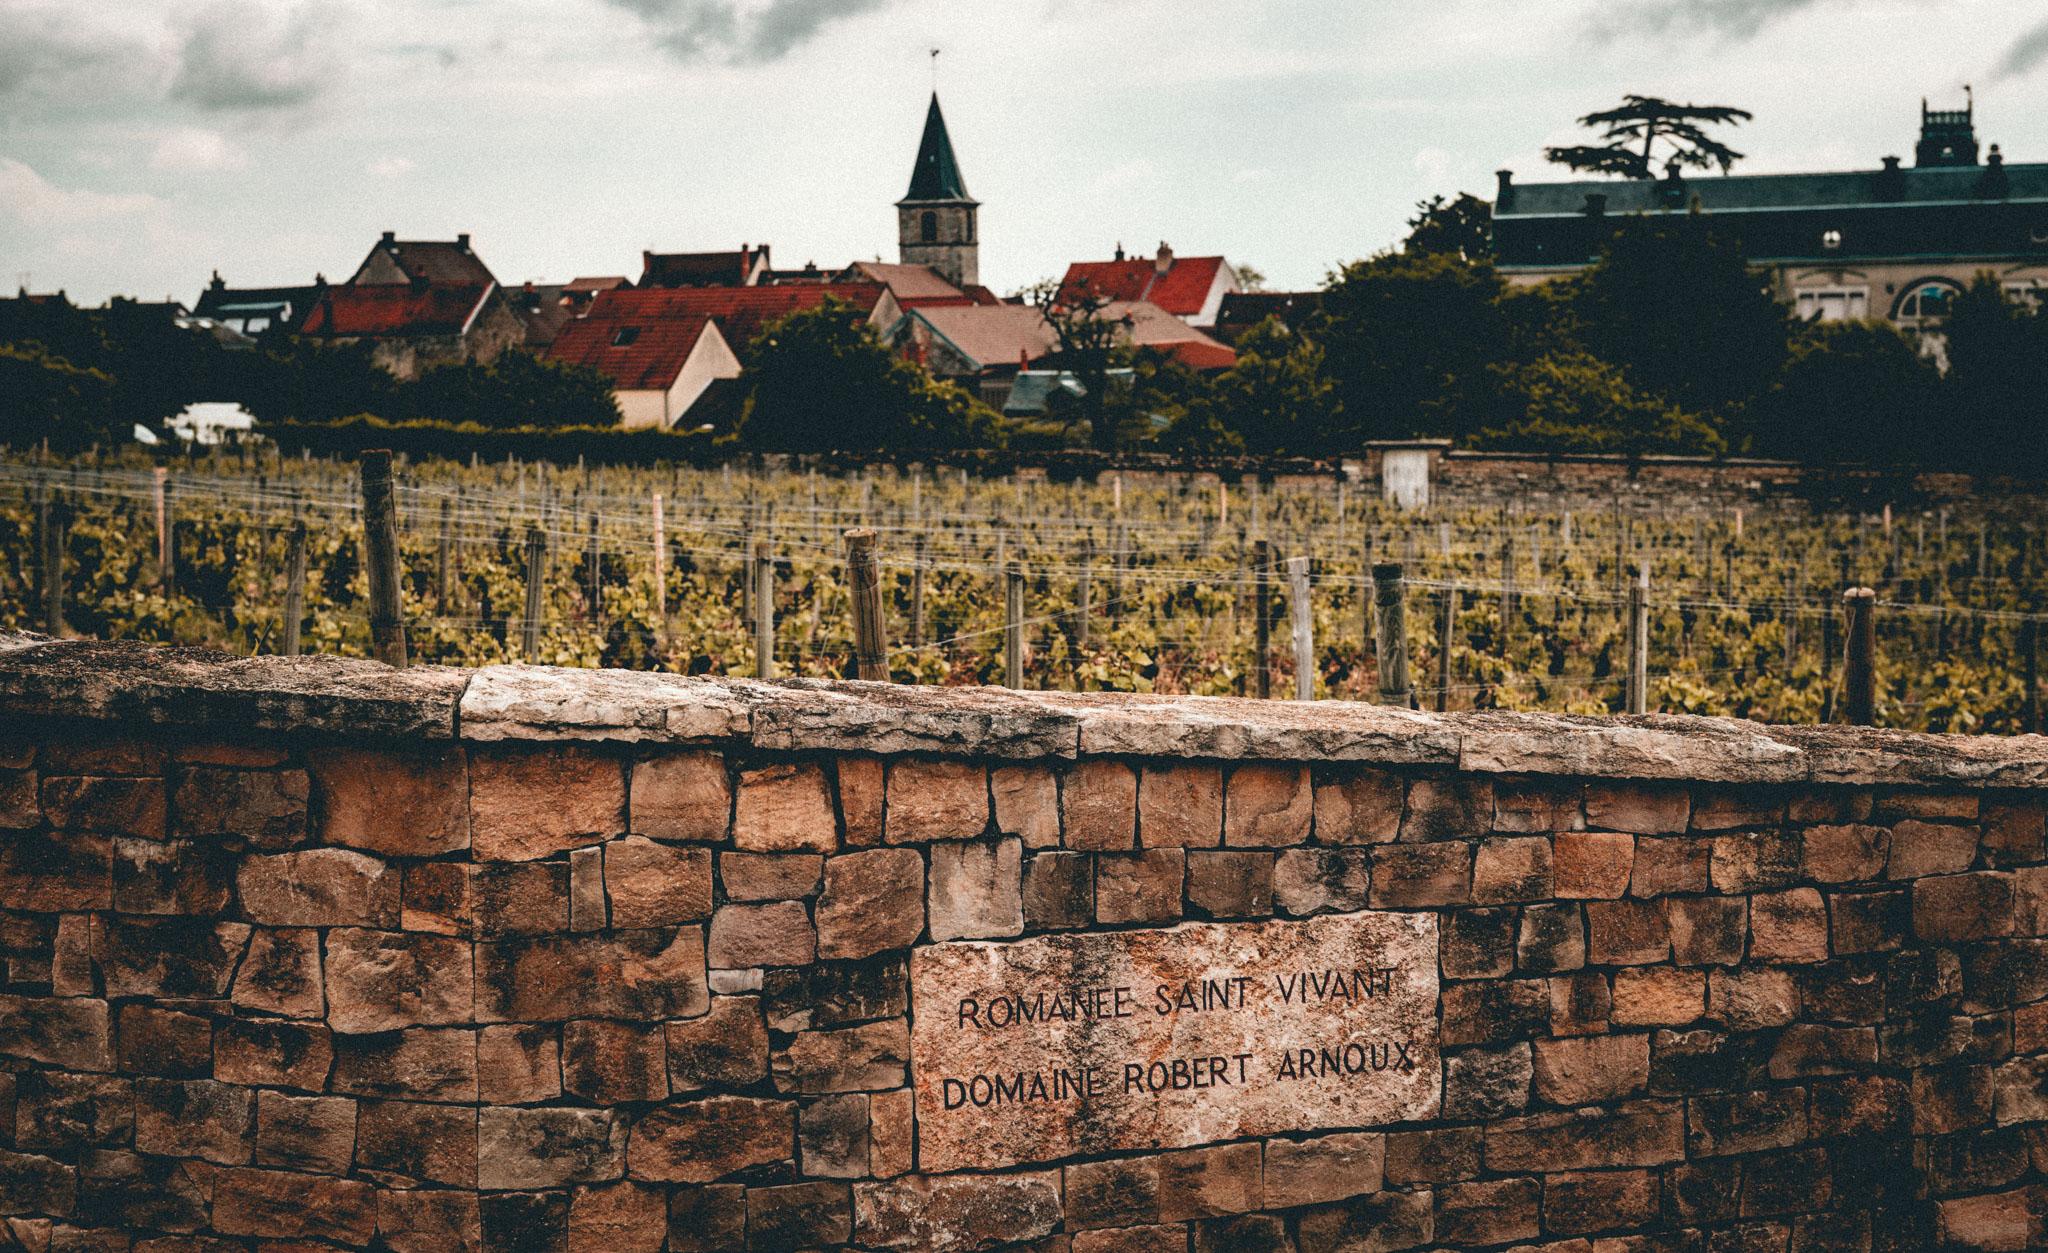 Burgundy : Cote de Nuits : Vosne-Romanée : Romanée-Saint-Vivant